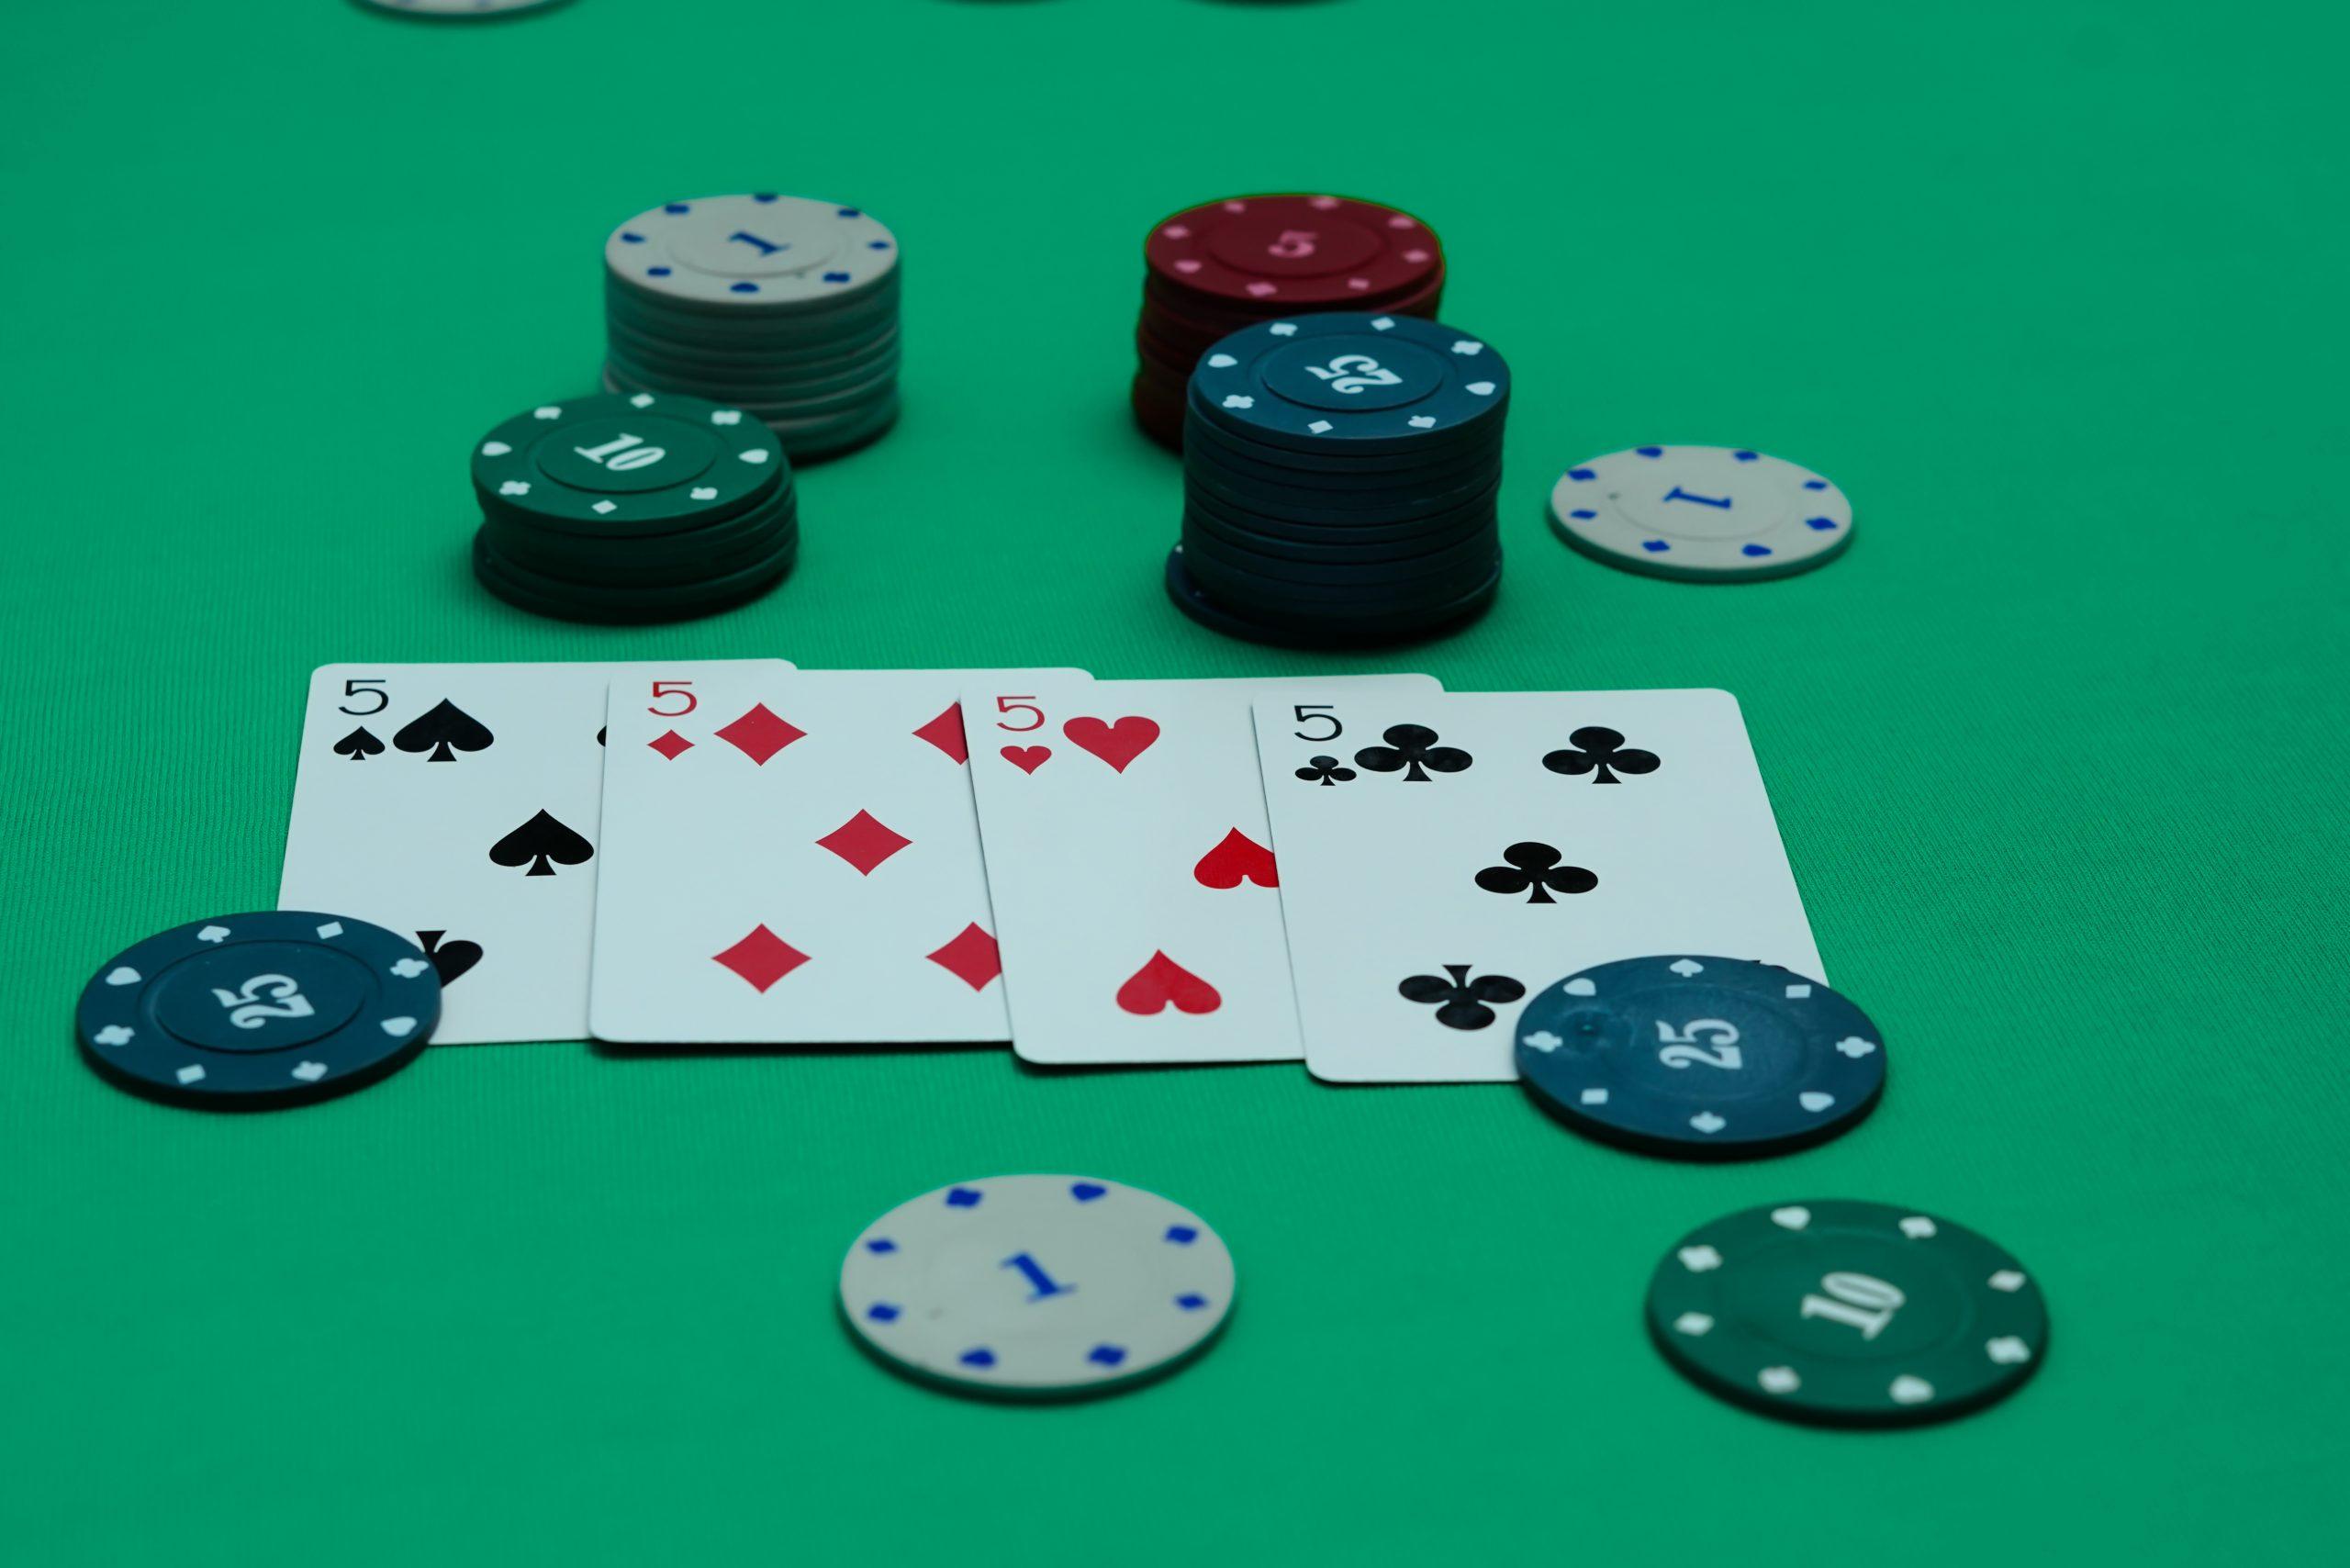 Stud Poker casino game